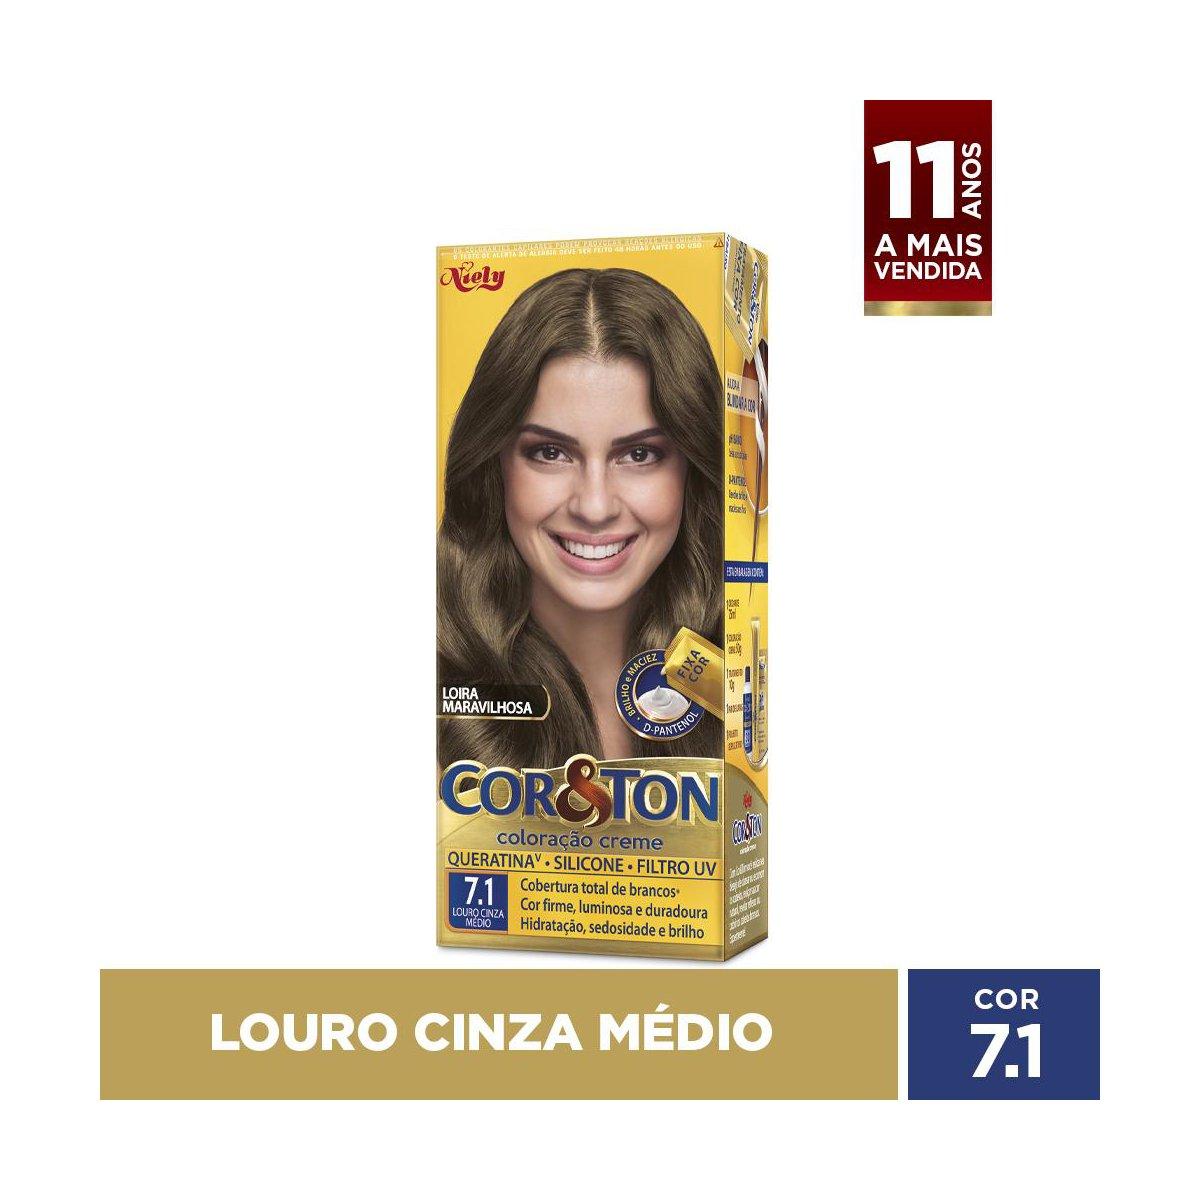 Niely Coloração Cor&Ton 7.1 Louro Cinza Médio 180g